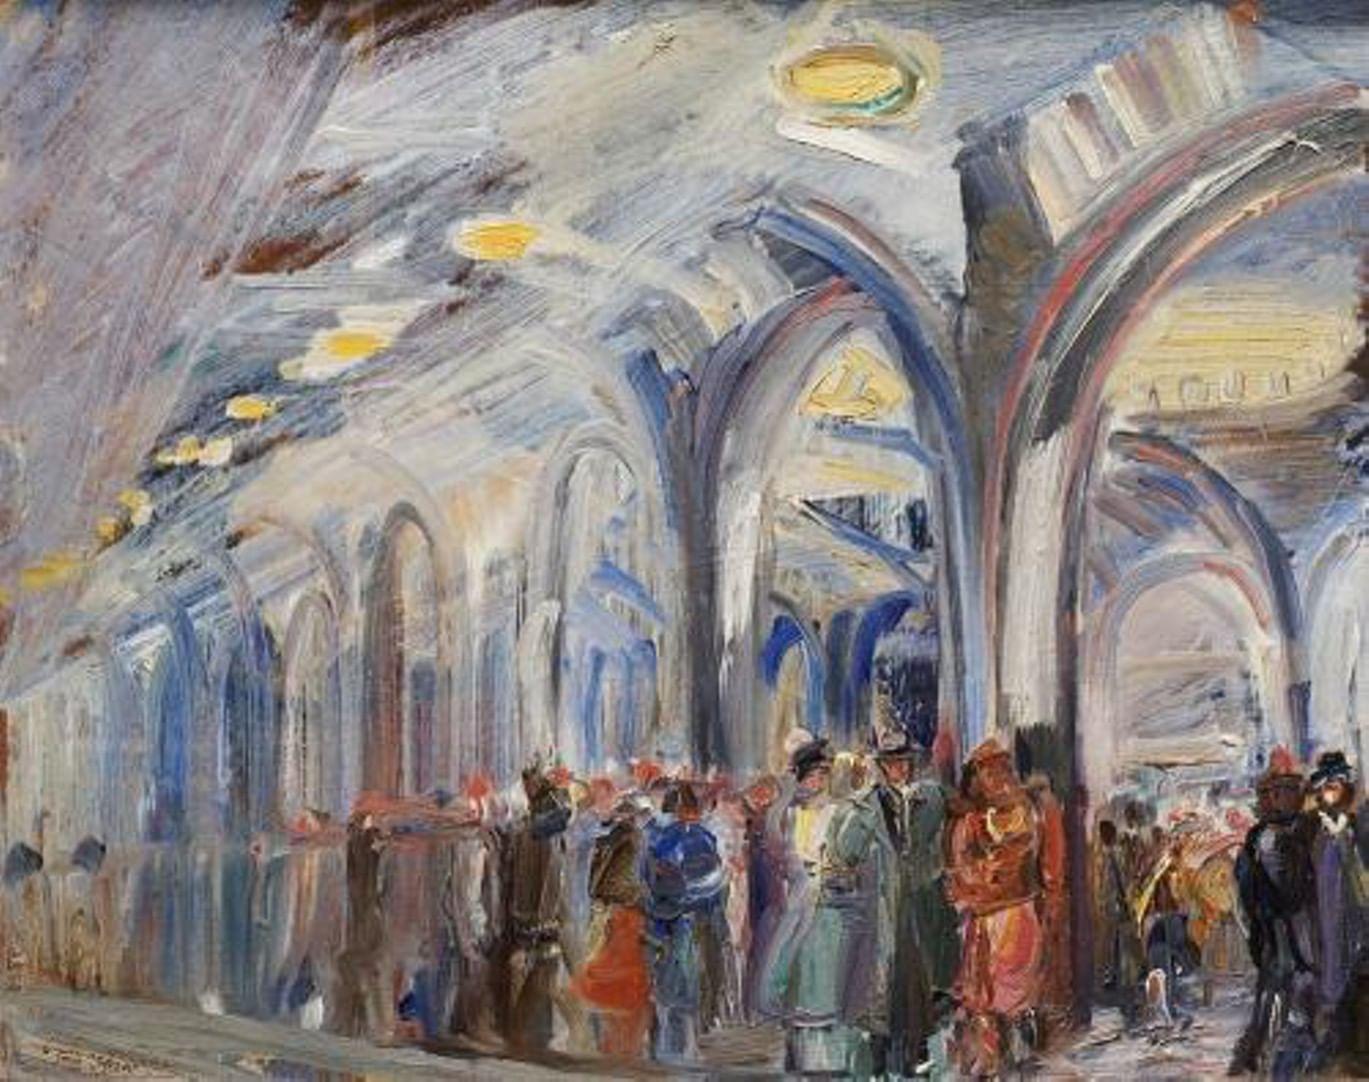 Первые дирижабль, паровоз и эскалатор на картинах Александра Лабаса. Галерея 3. Метро